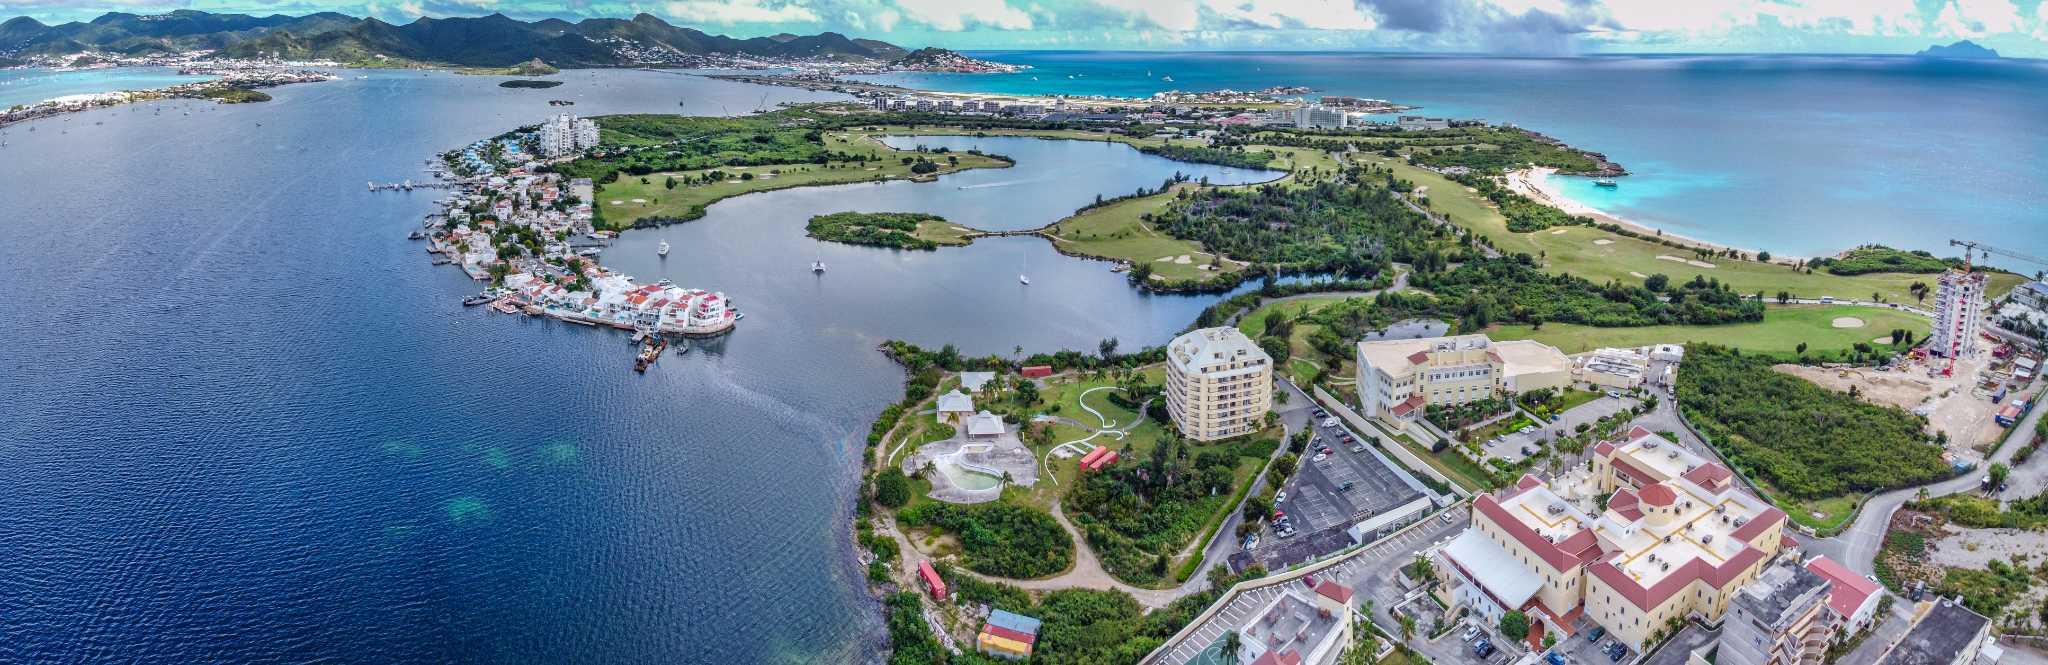 Buy Property In Cupecoy St Maarten